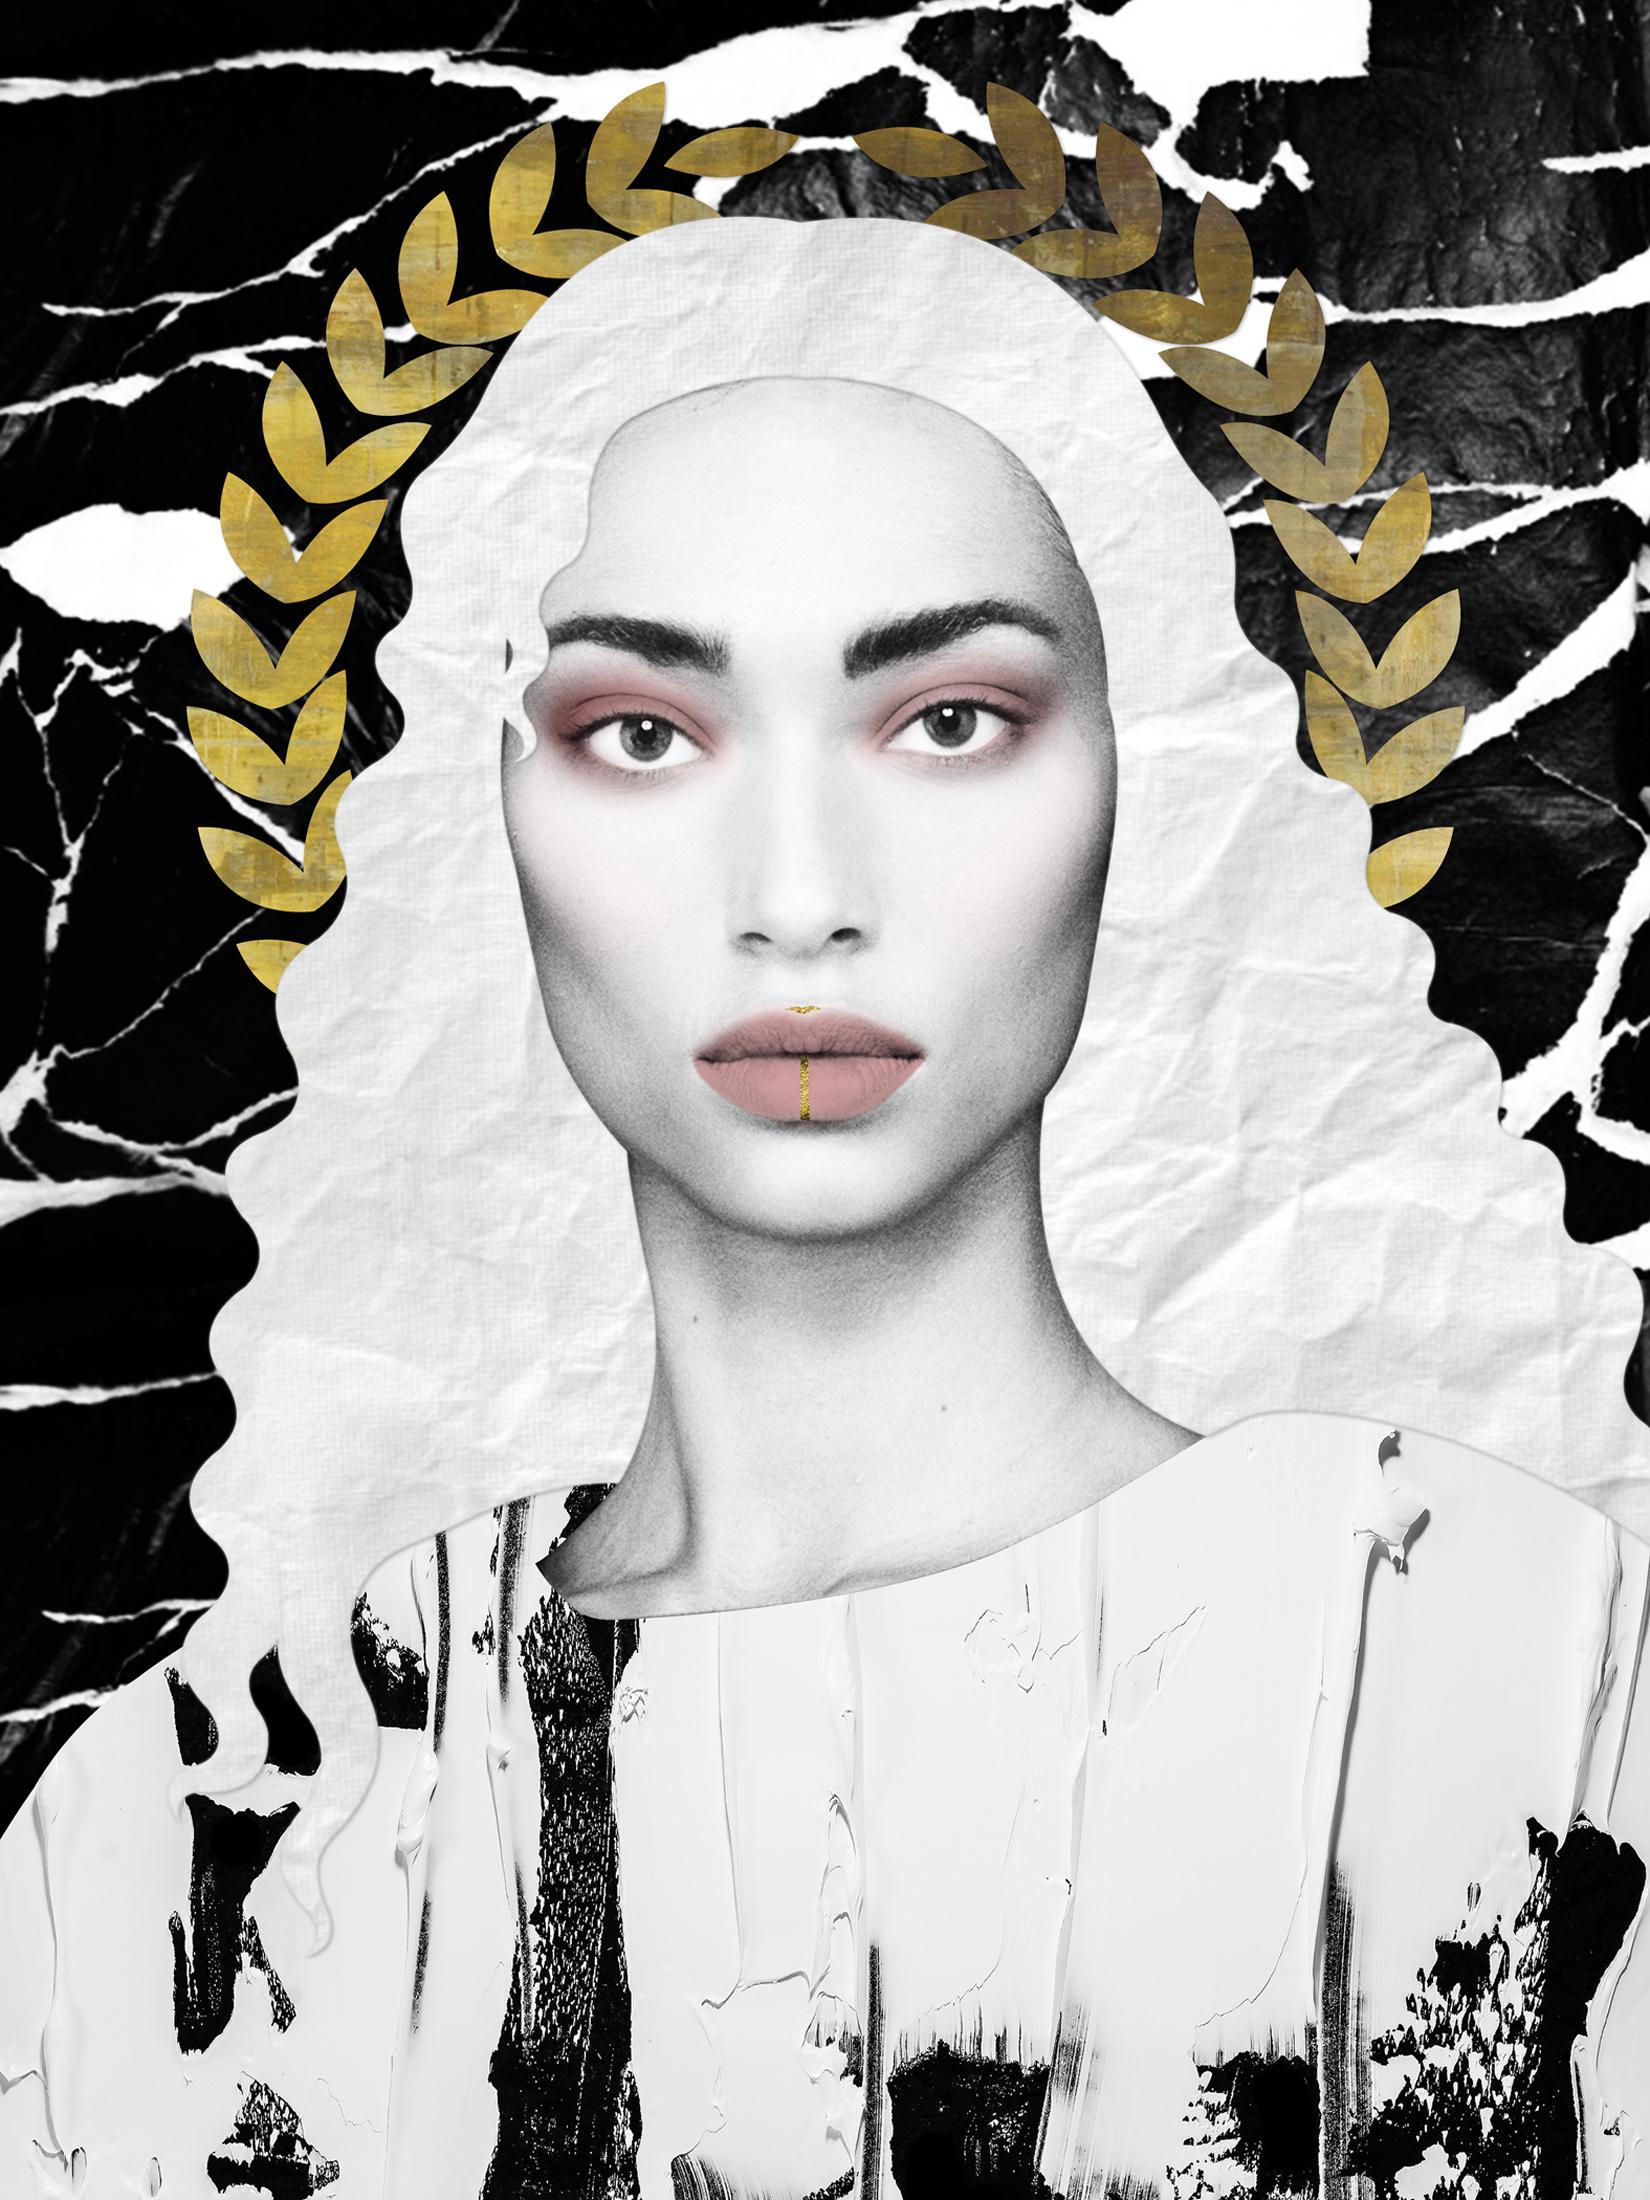 black_girl-revised2.jpg